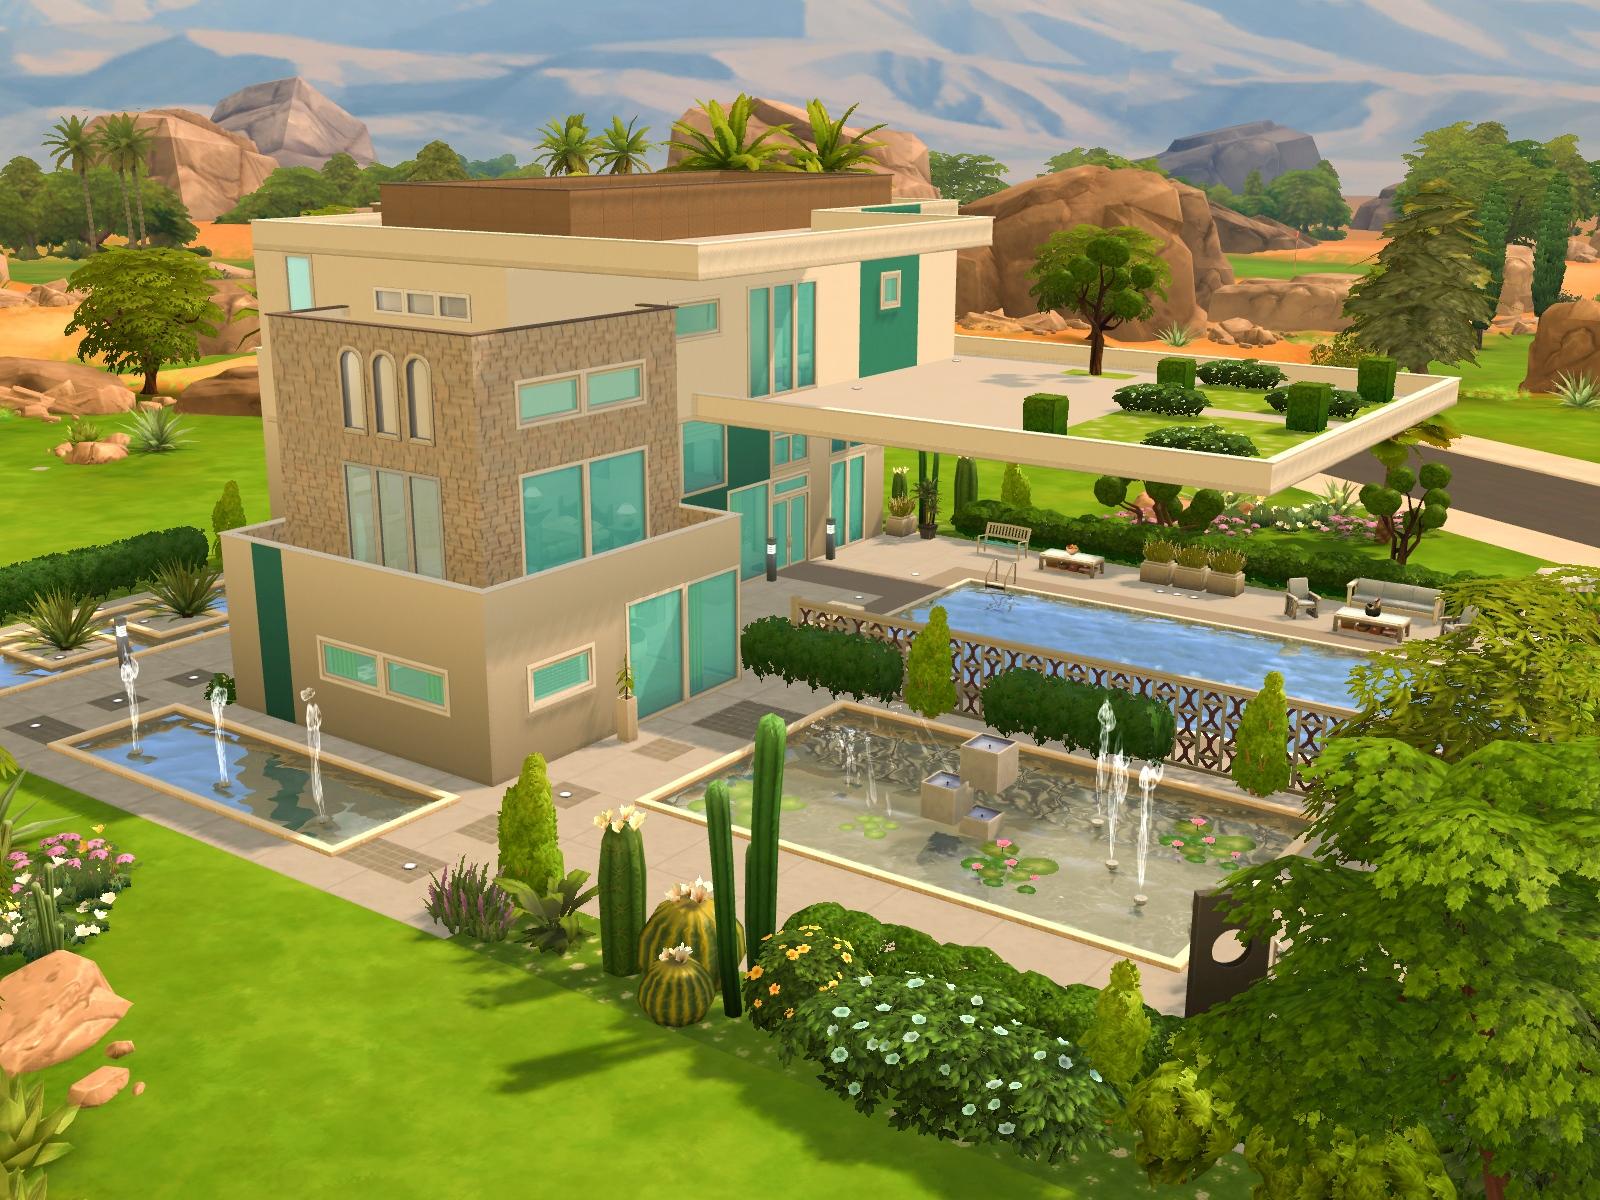 Przegląd Galerii - Wakacyjne domy w The Sims 4 - DOTsim